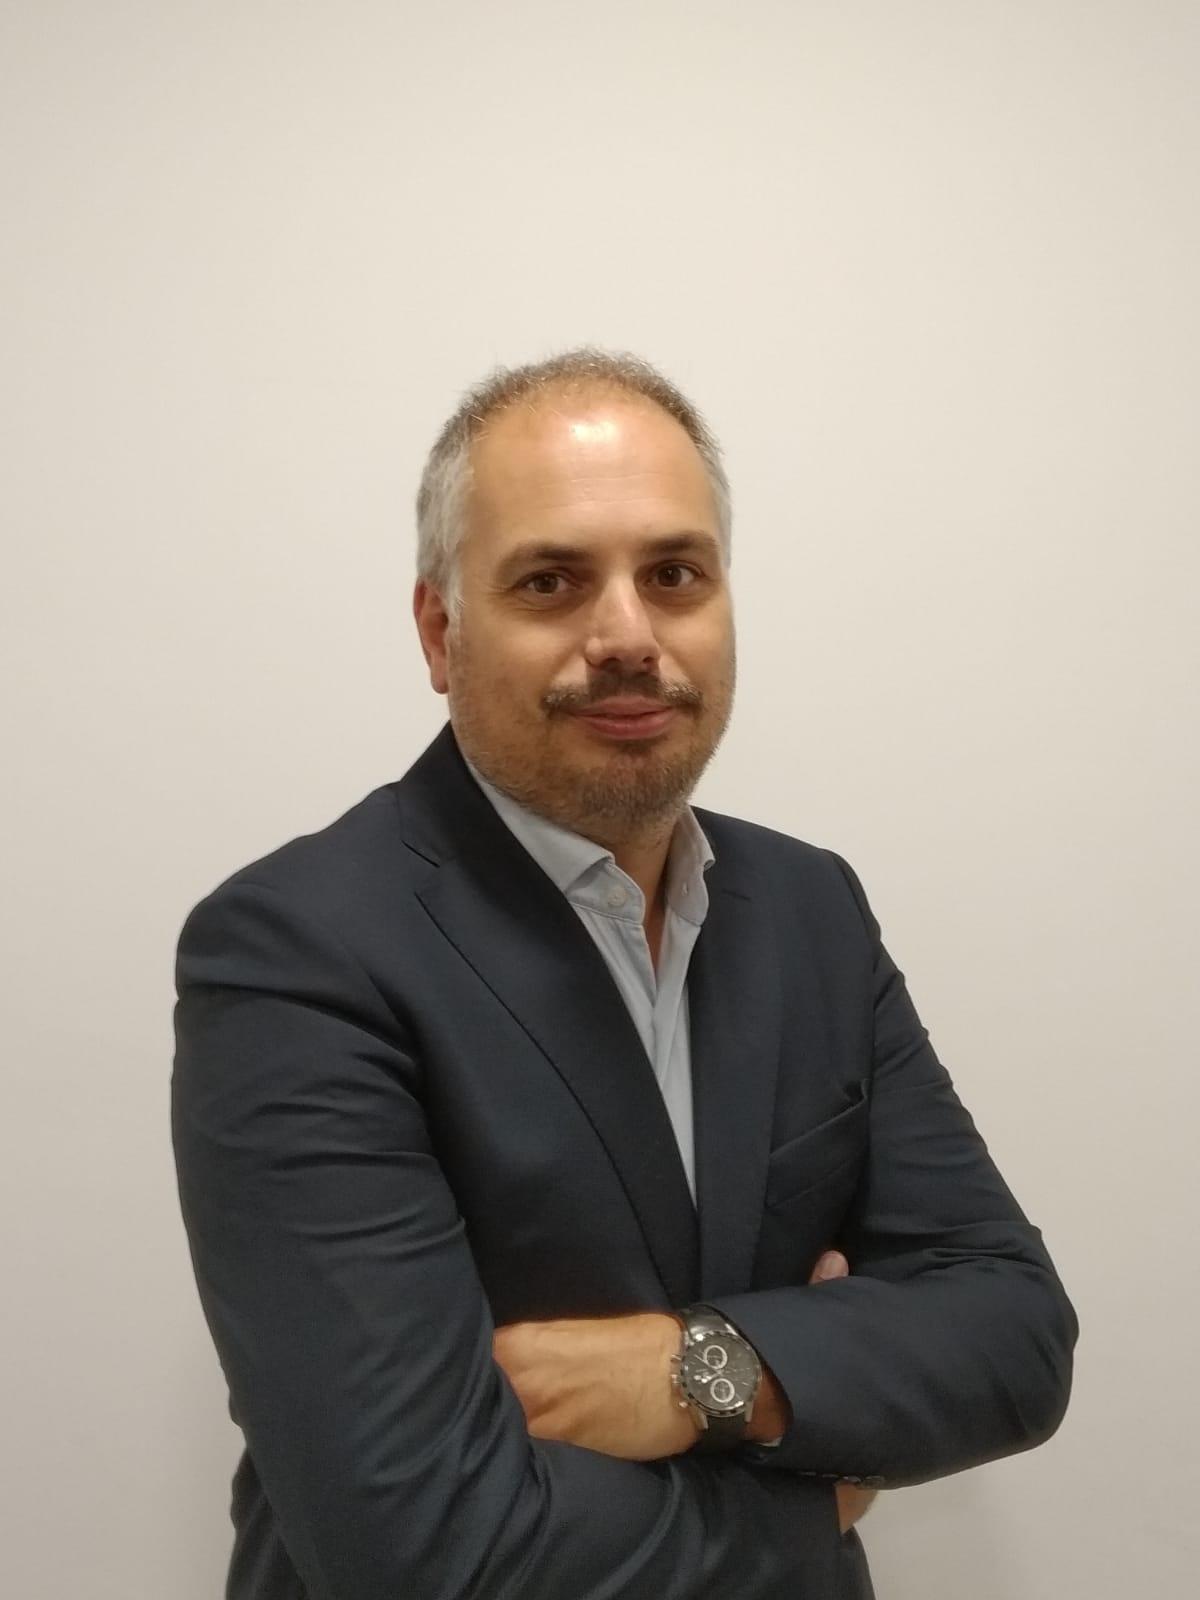 Víctor Castells Domenech